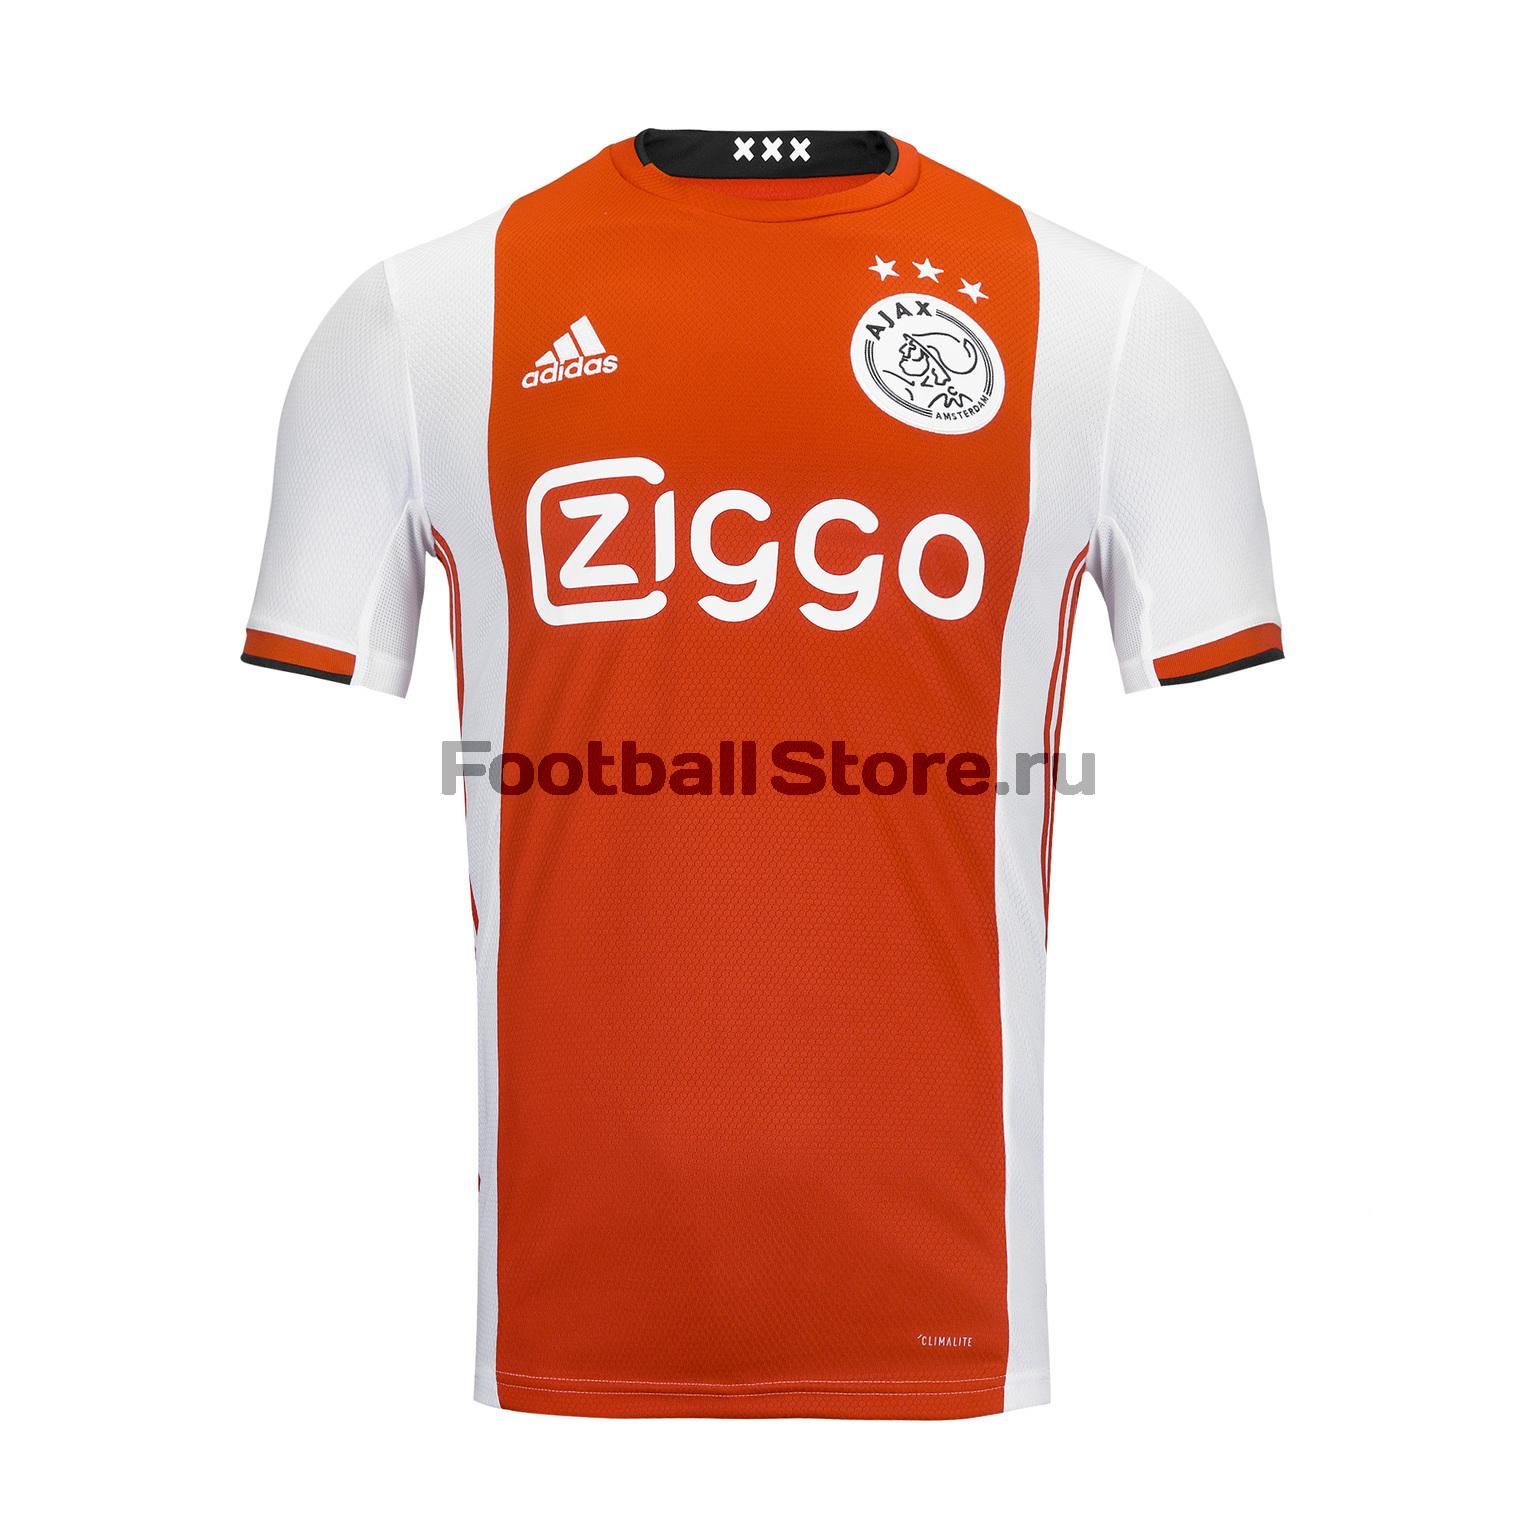 Футболка домашняя игровая Adidas Ajax 2019/20